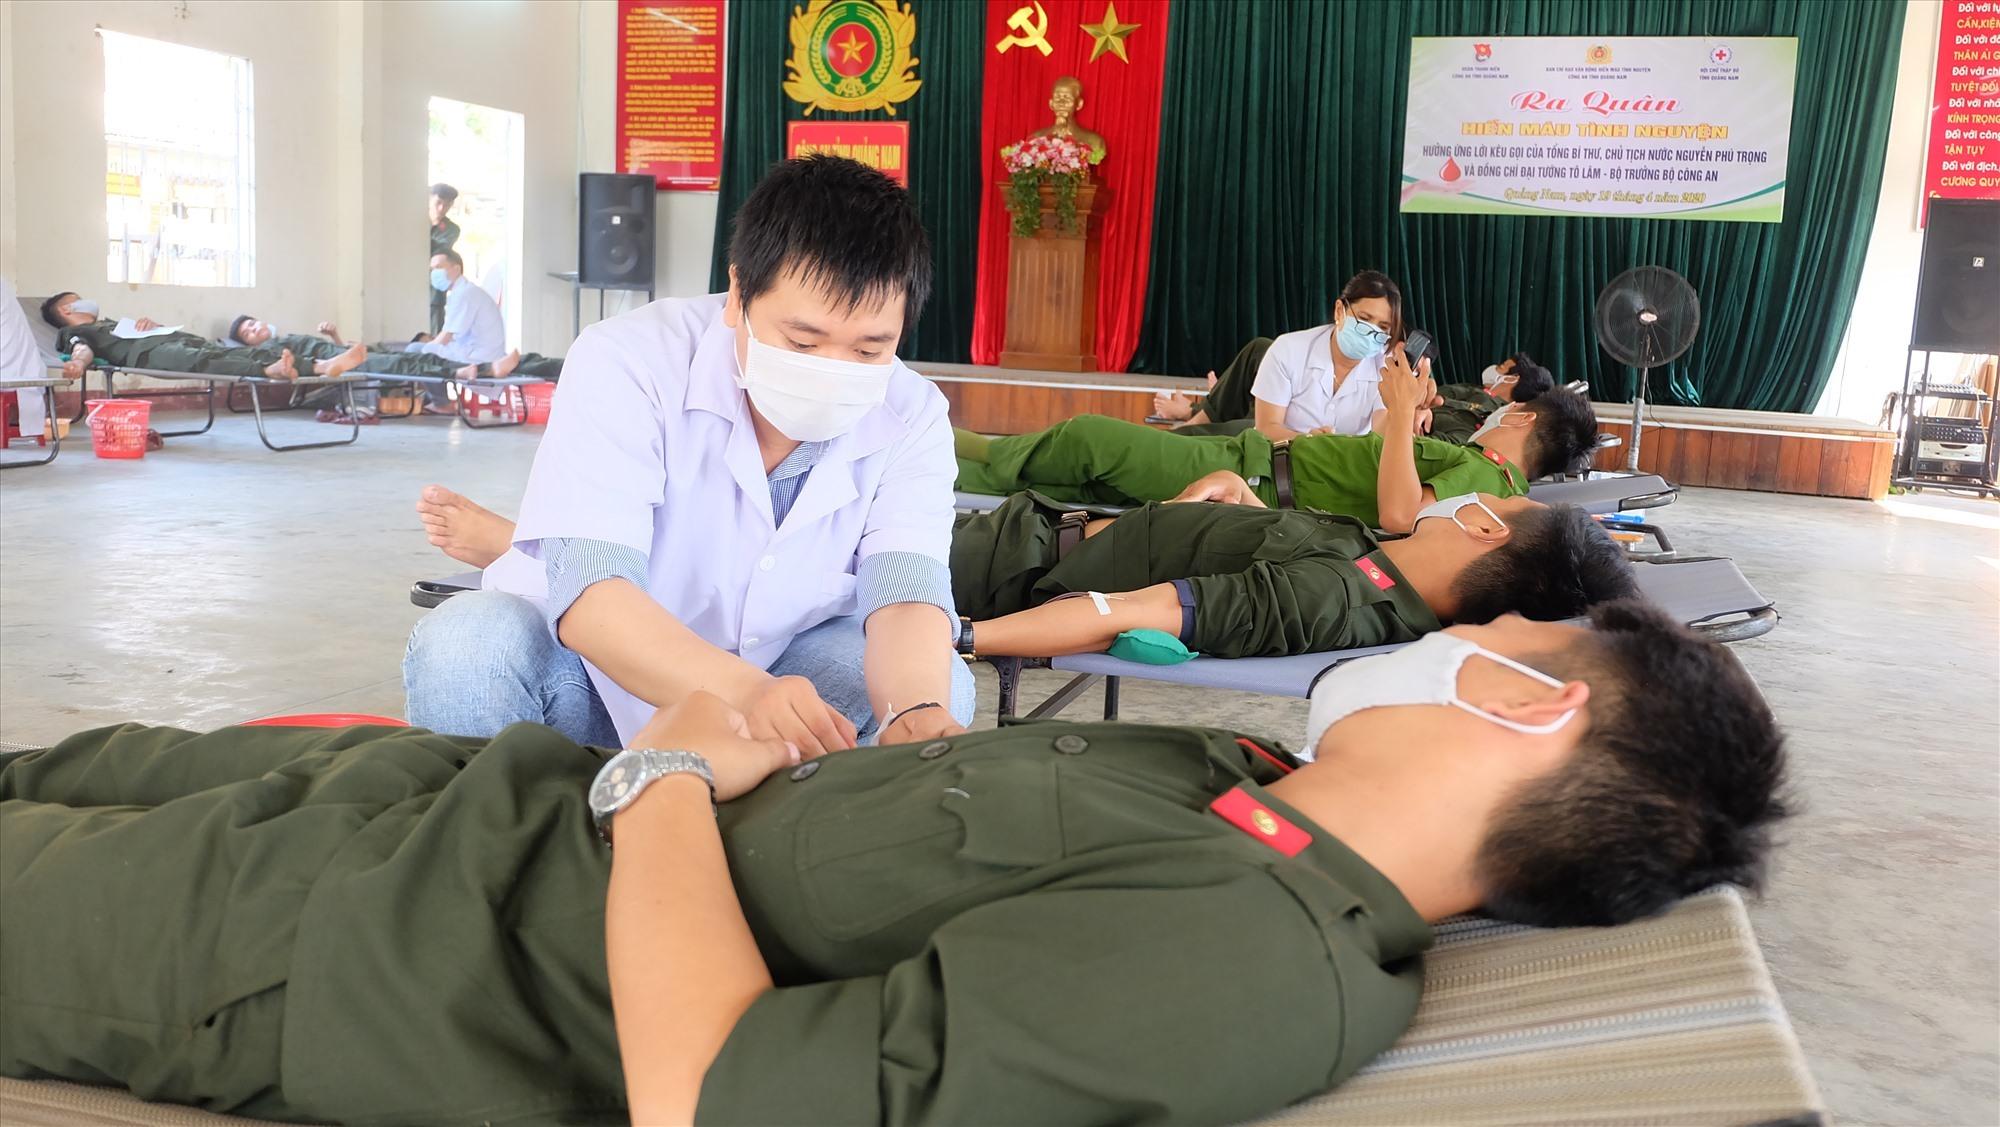 Các chiến sĩ nghĩa vụ CAND tích cực tham gia hoạt động hiến máu tình nguyện. Ảnh: M.L